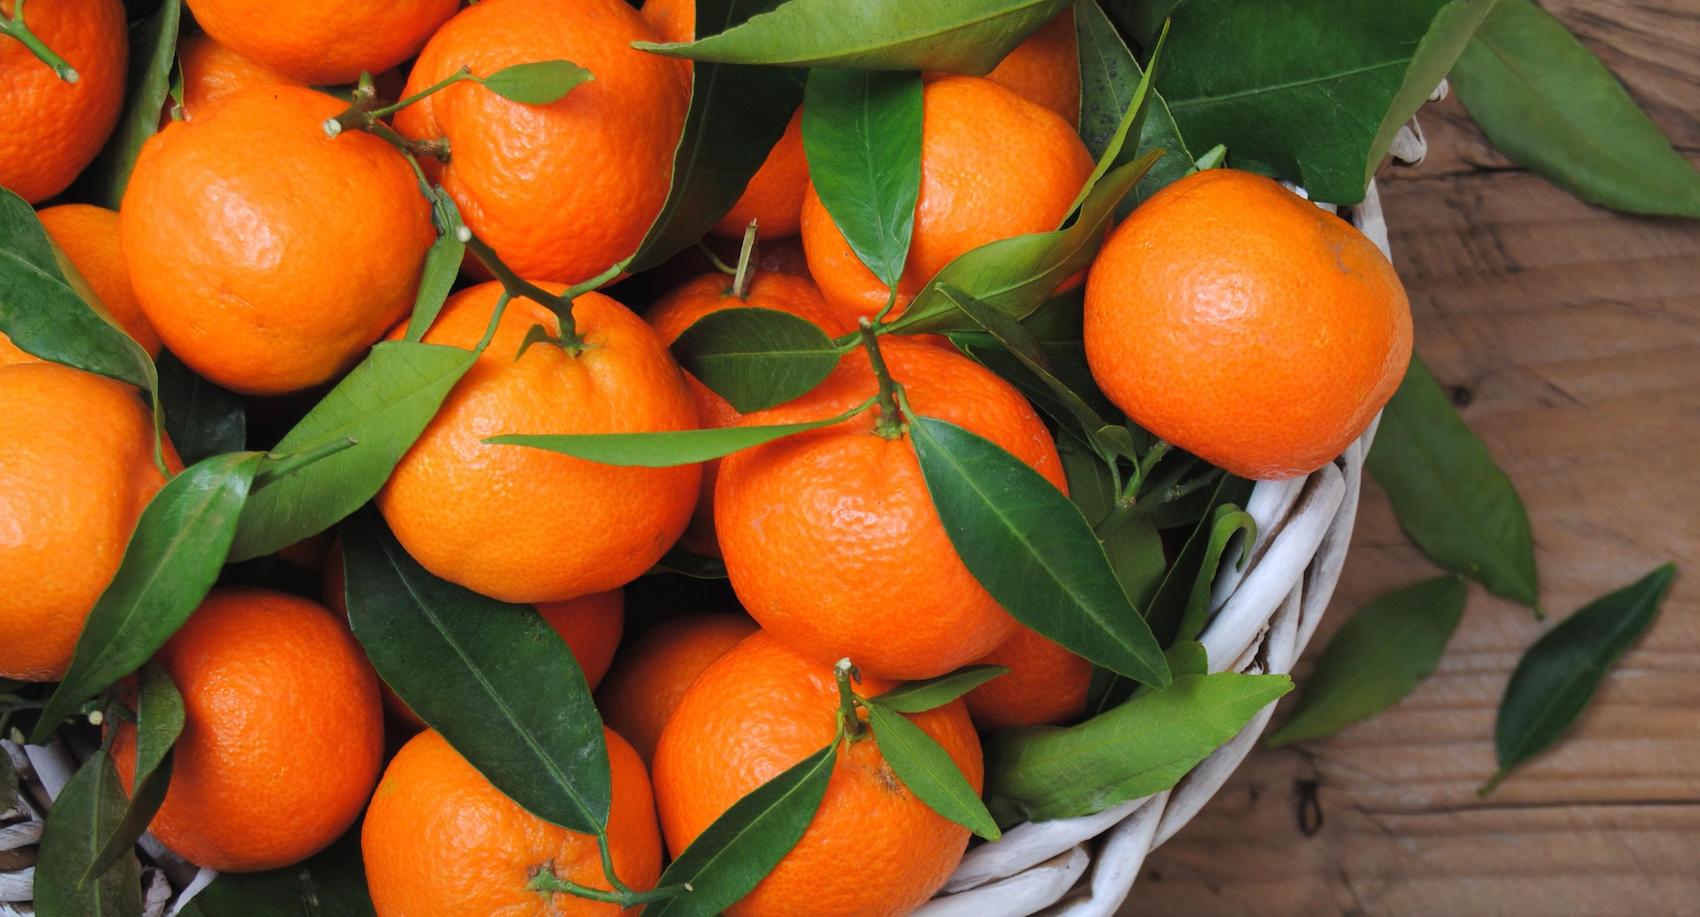 L'huile essentielle de mandarine, pour des rêves apaisants